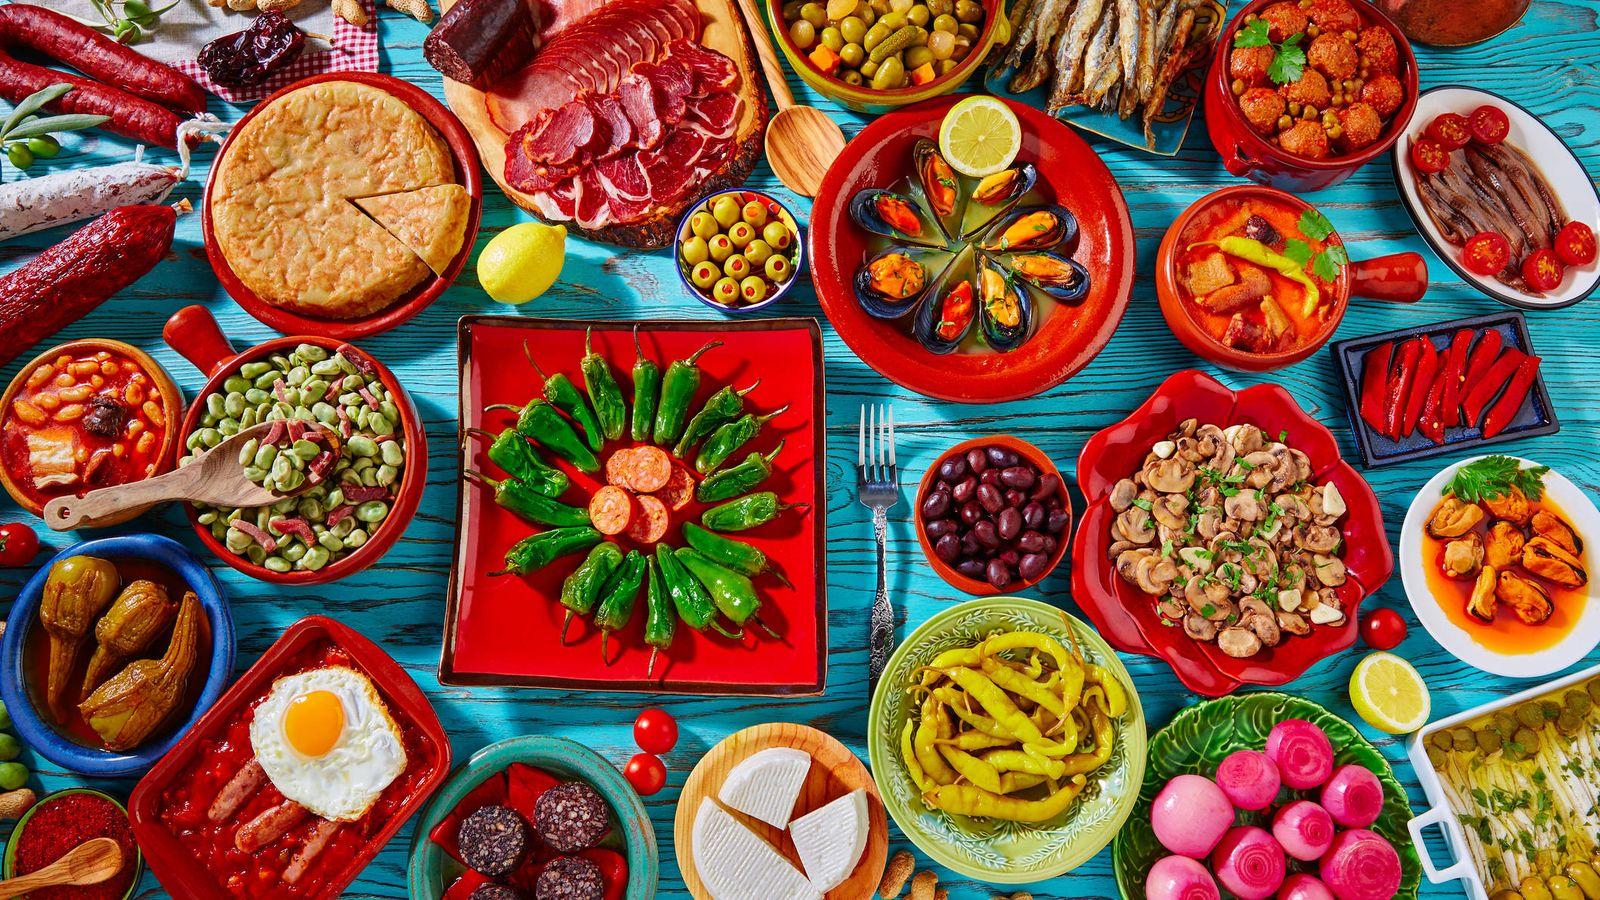 Nutrientes: ¿Qué son los nutrientes esenciales y por qué son necesarios?